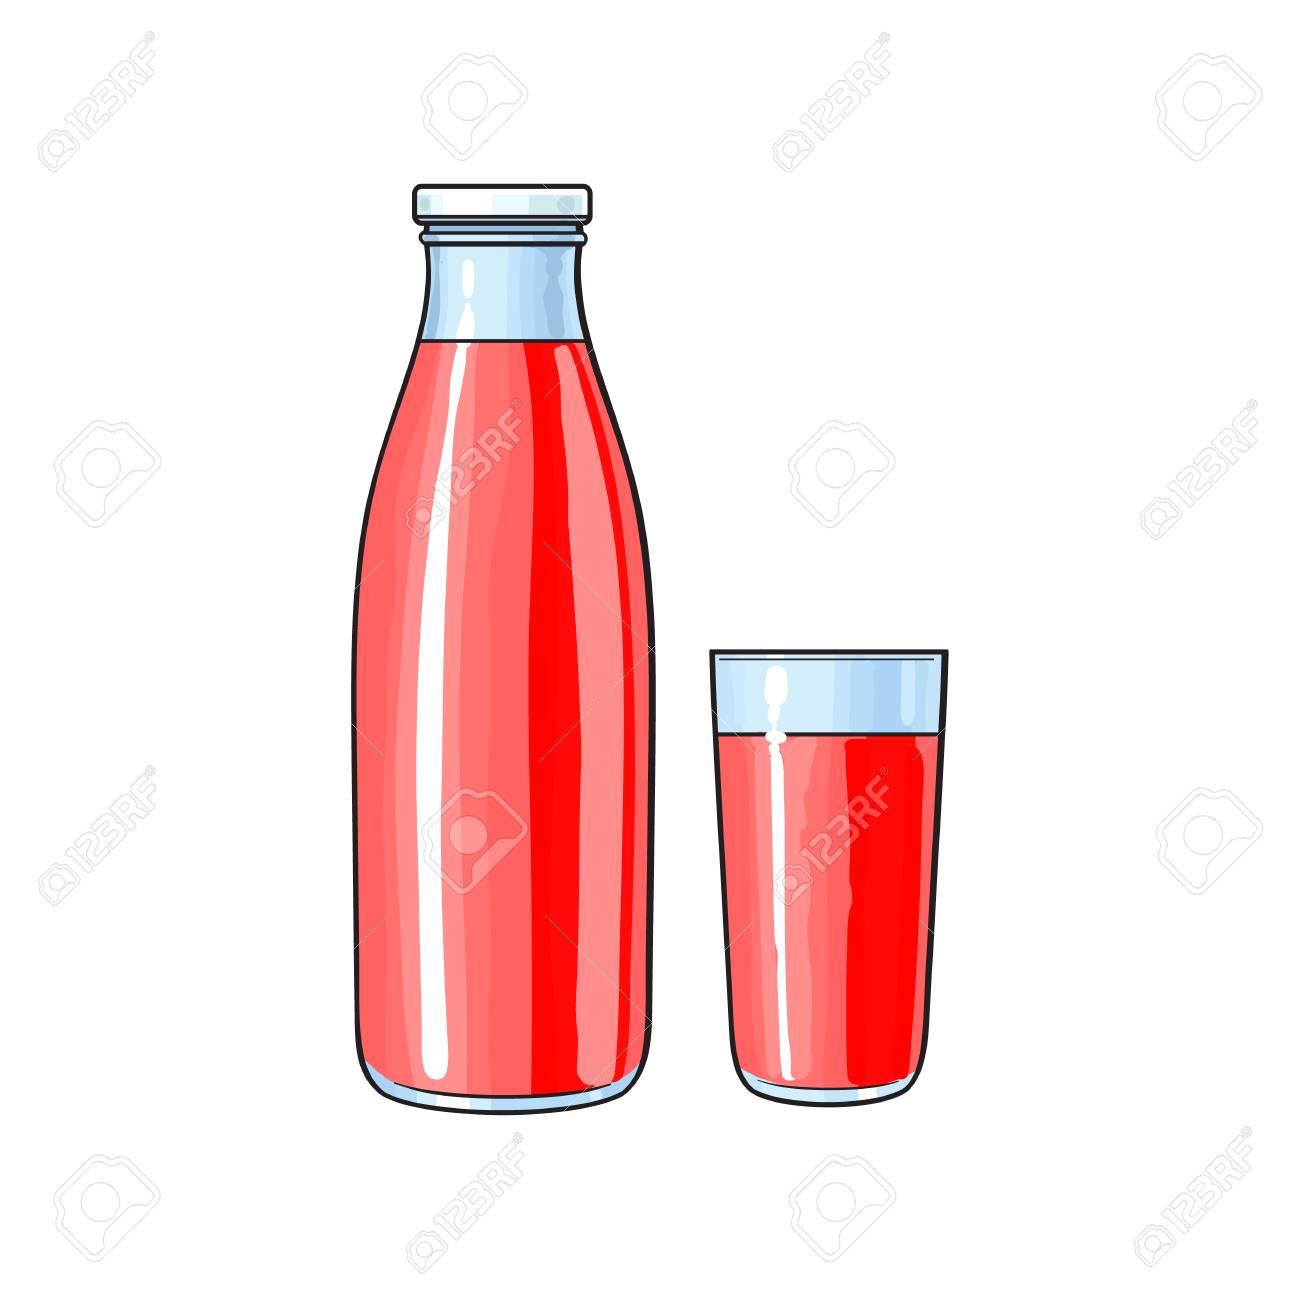 Bouteille En Verre De Dessin Animé De Vecteur Et Une Tasse De Jus De Fruits Frais Rouge Illustration Isolée Sur Un Fond Blanc Boisson Gazeuse Image